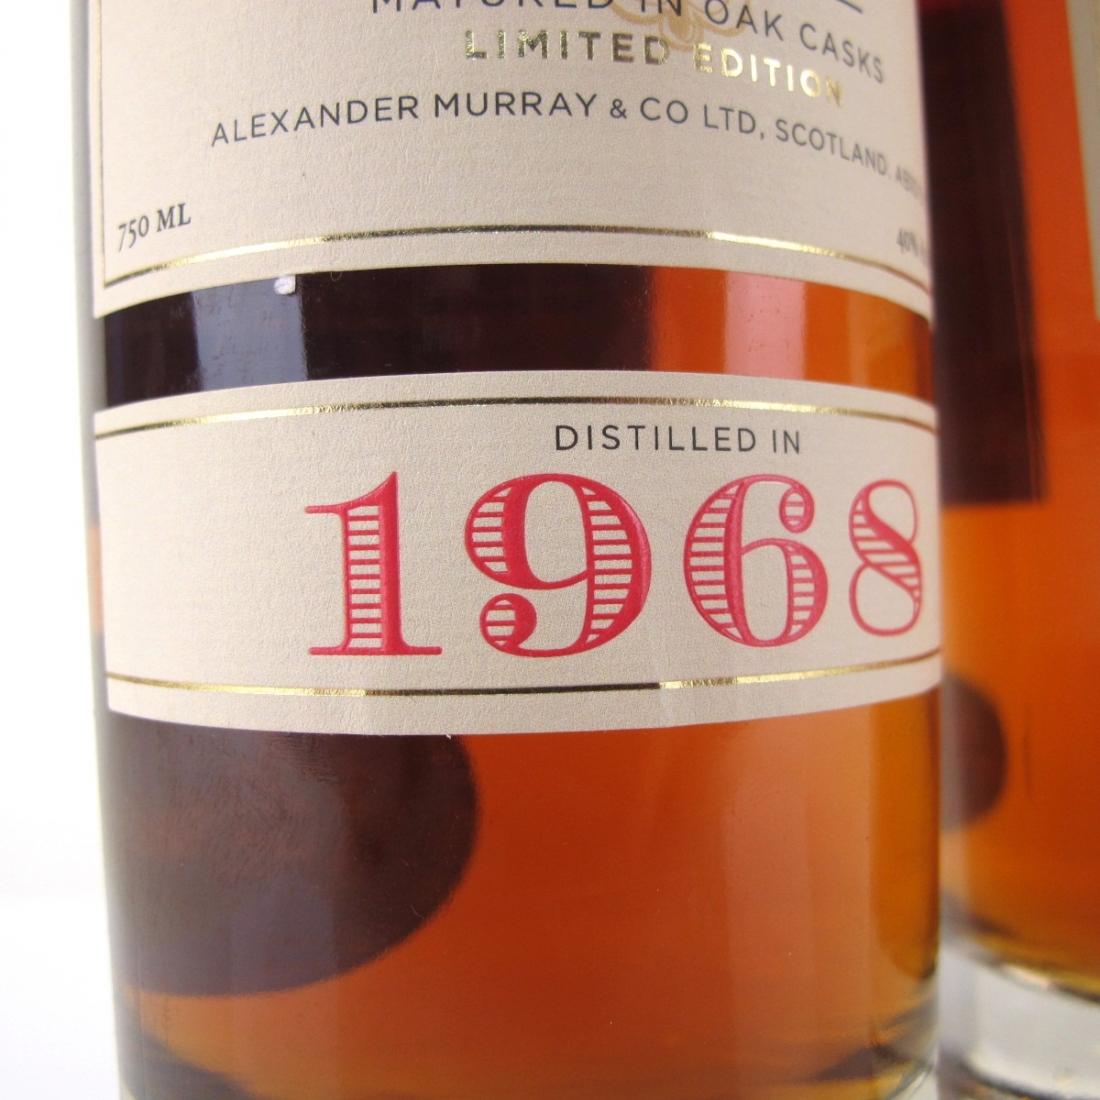 Glenlivet 1968 Alexander Murray 45 Year Old 2 x 75cl / US Import